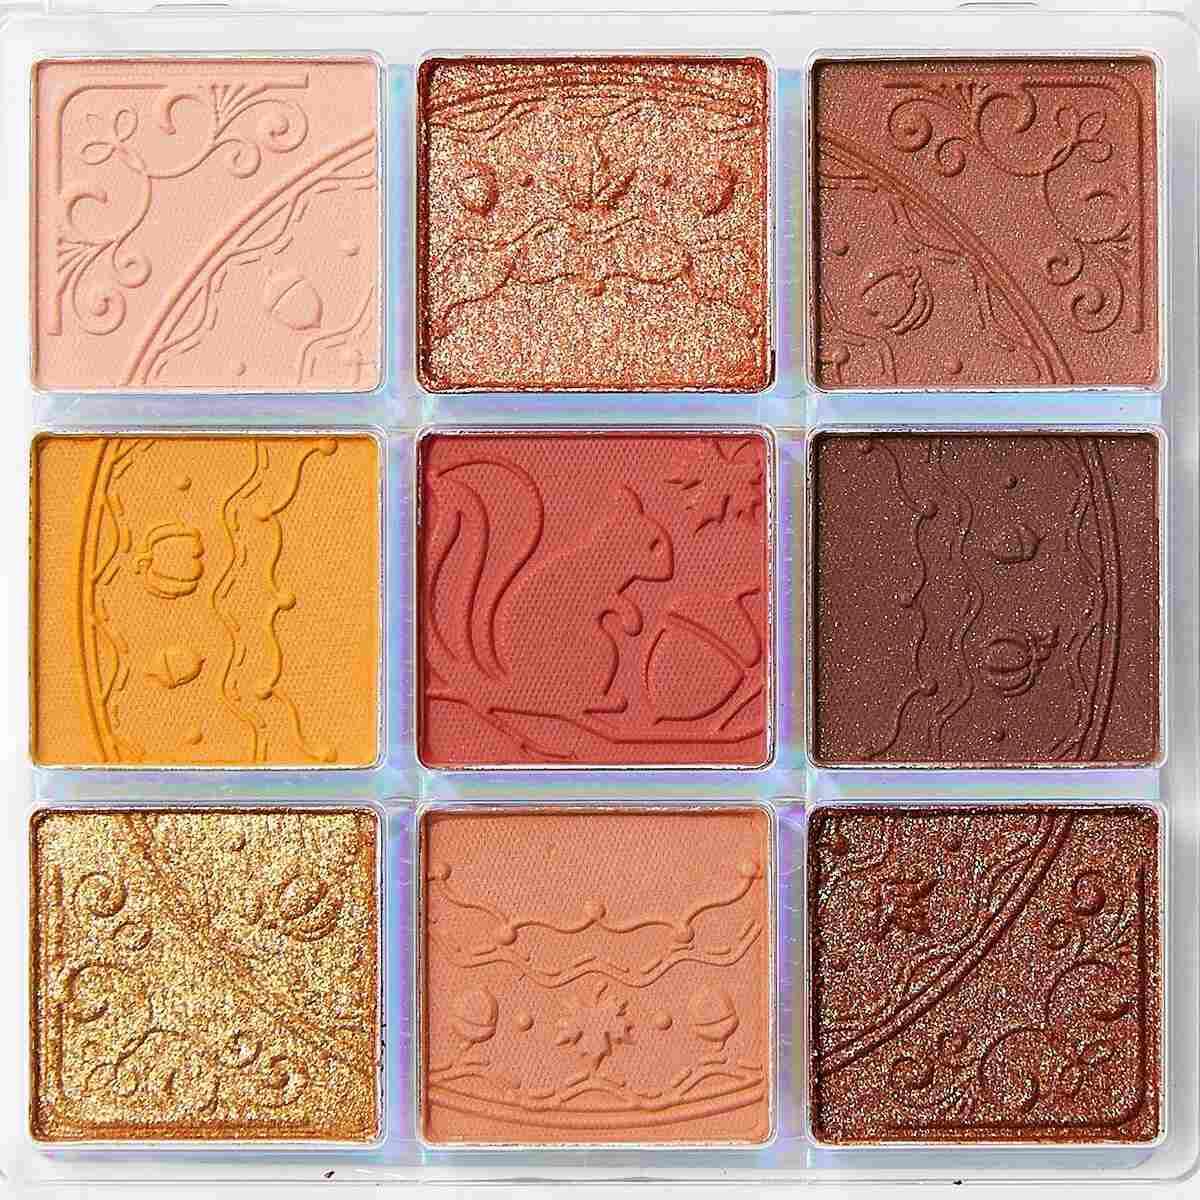 ZEESEA(ズーシー)『クォーツ 9色アイシャドウパレット J13 ハチミツパンプキン』の使用感をレポに関する画像7